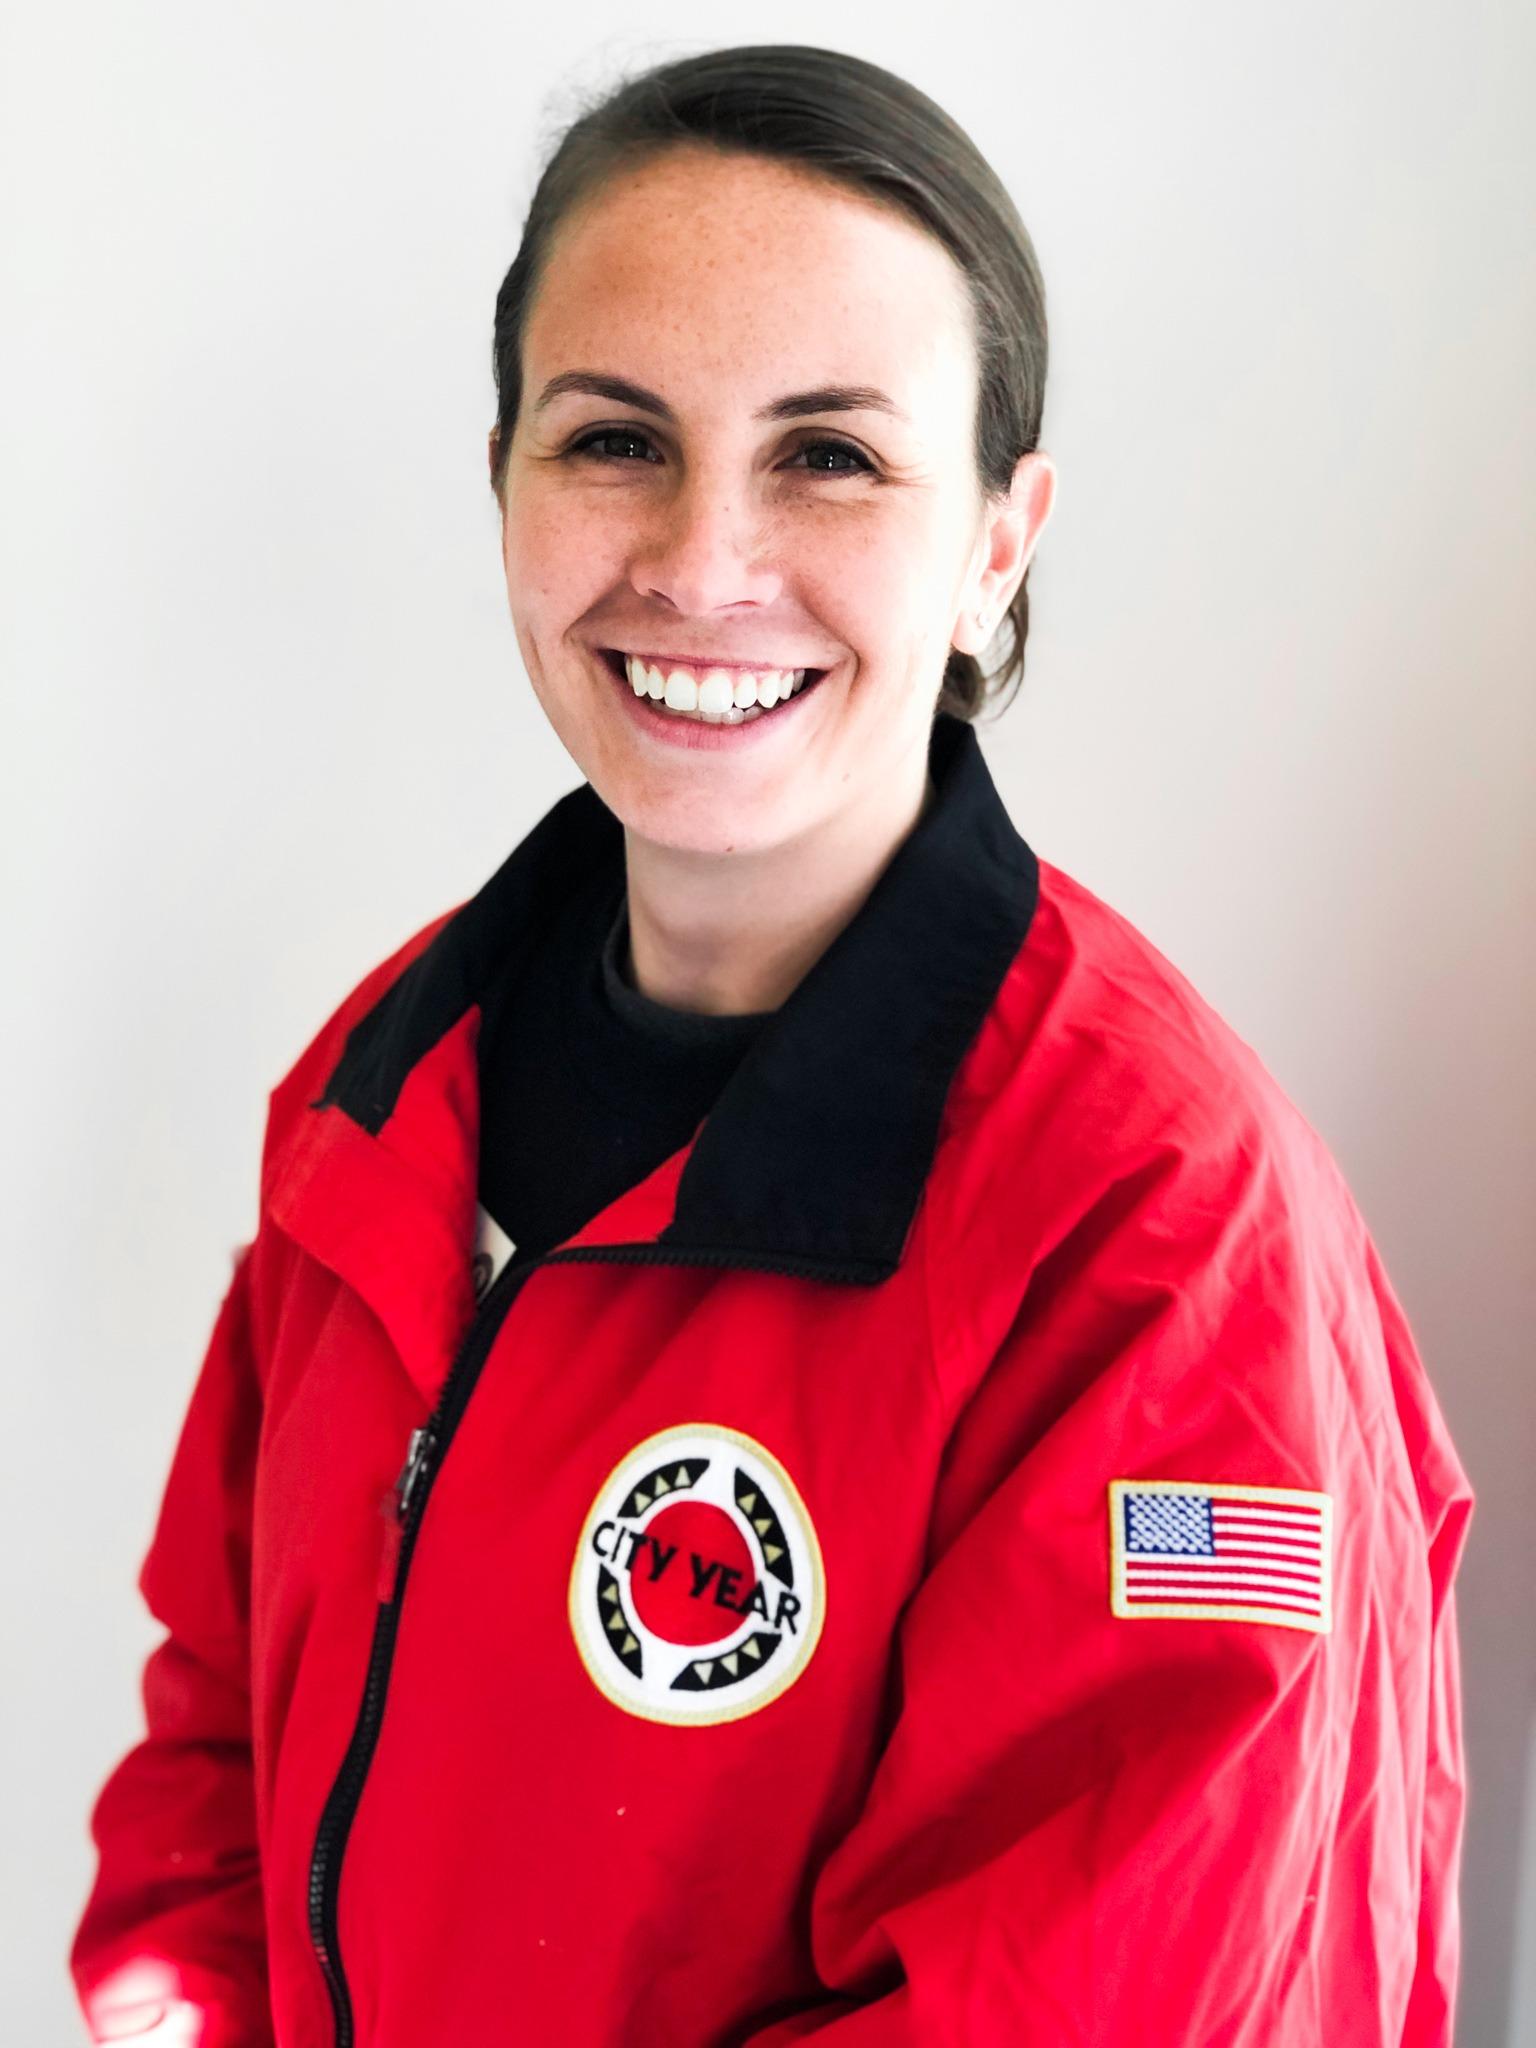 Allison Paul in a CY red jacket